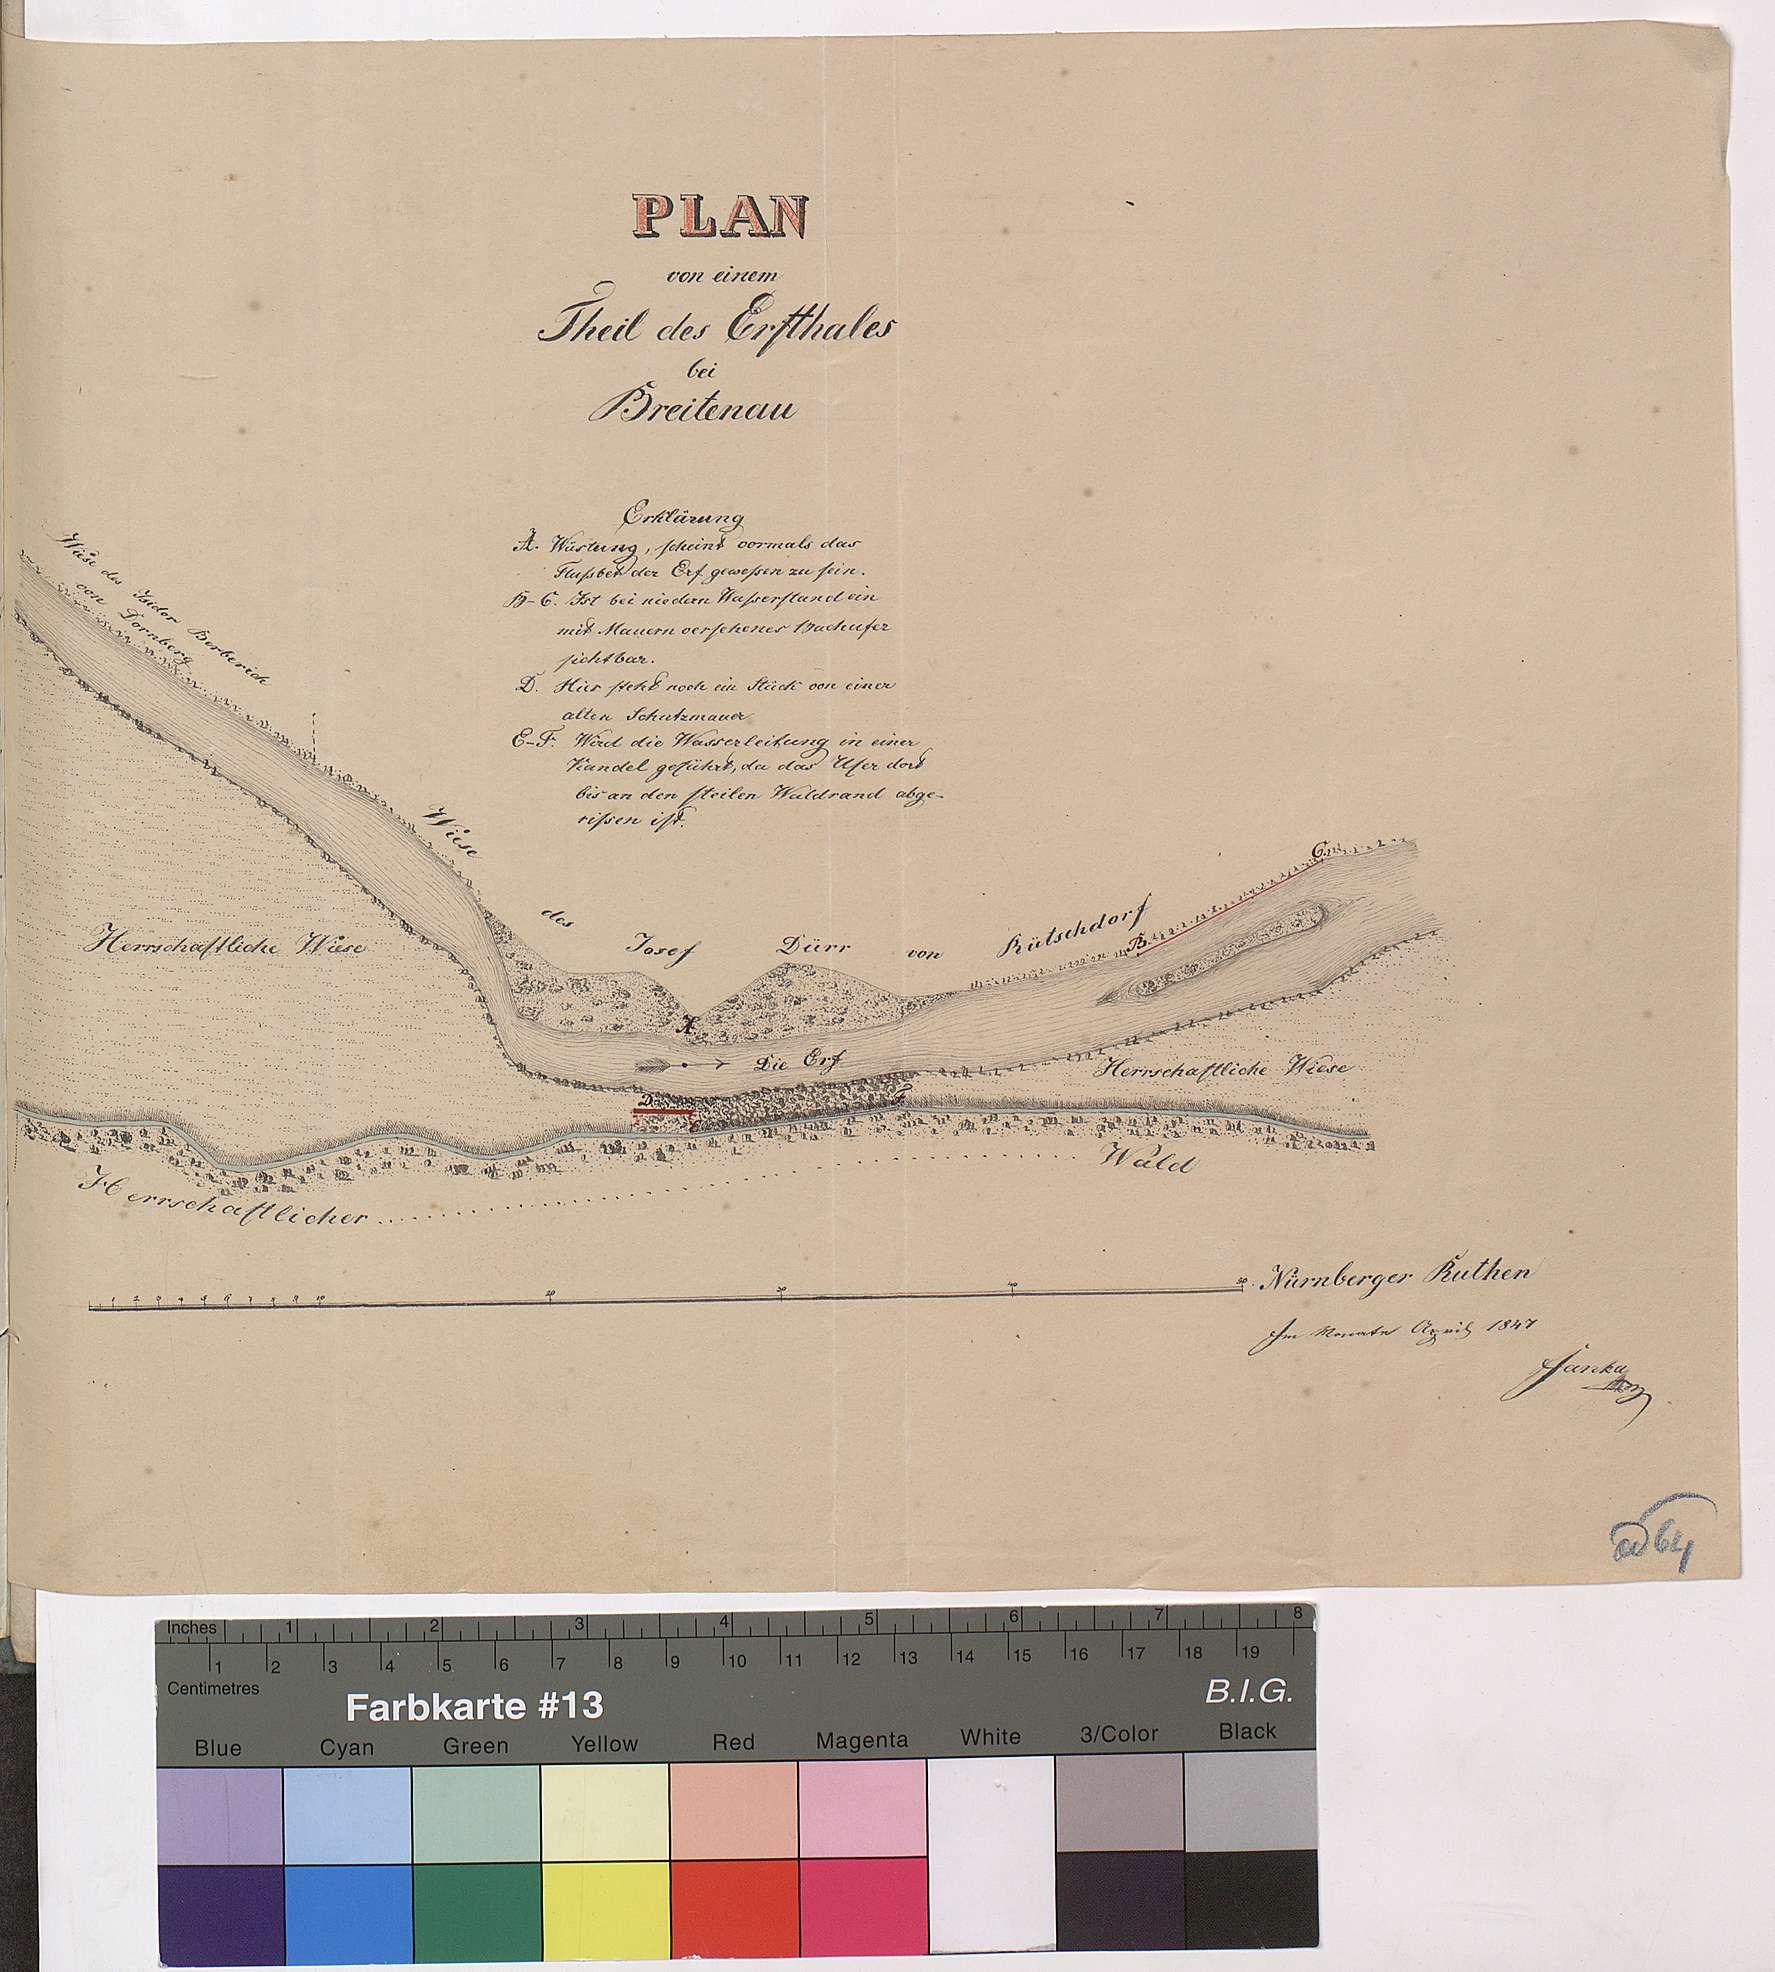 Teil des Erftales bei Breitenau, Bild 1